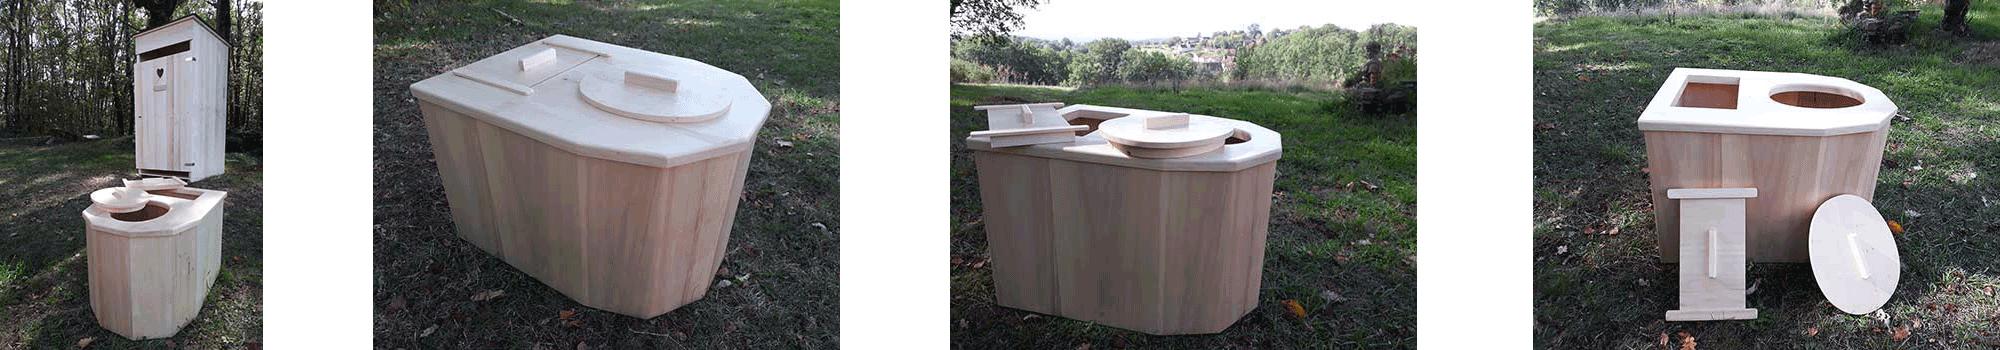 fabrication et vente de toilettes s ches cologiques compost. Black Bedroom Furniture Sets. Home Design Ideas